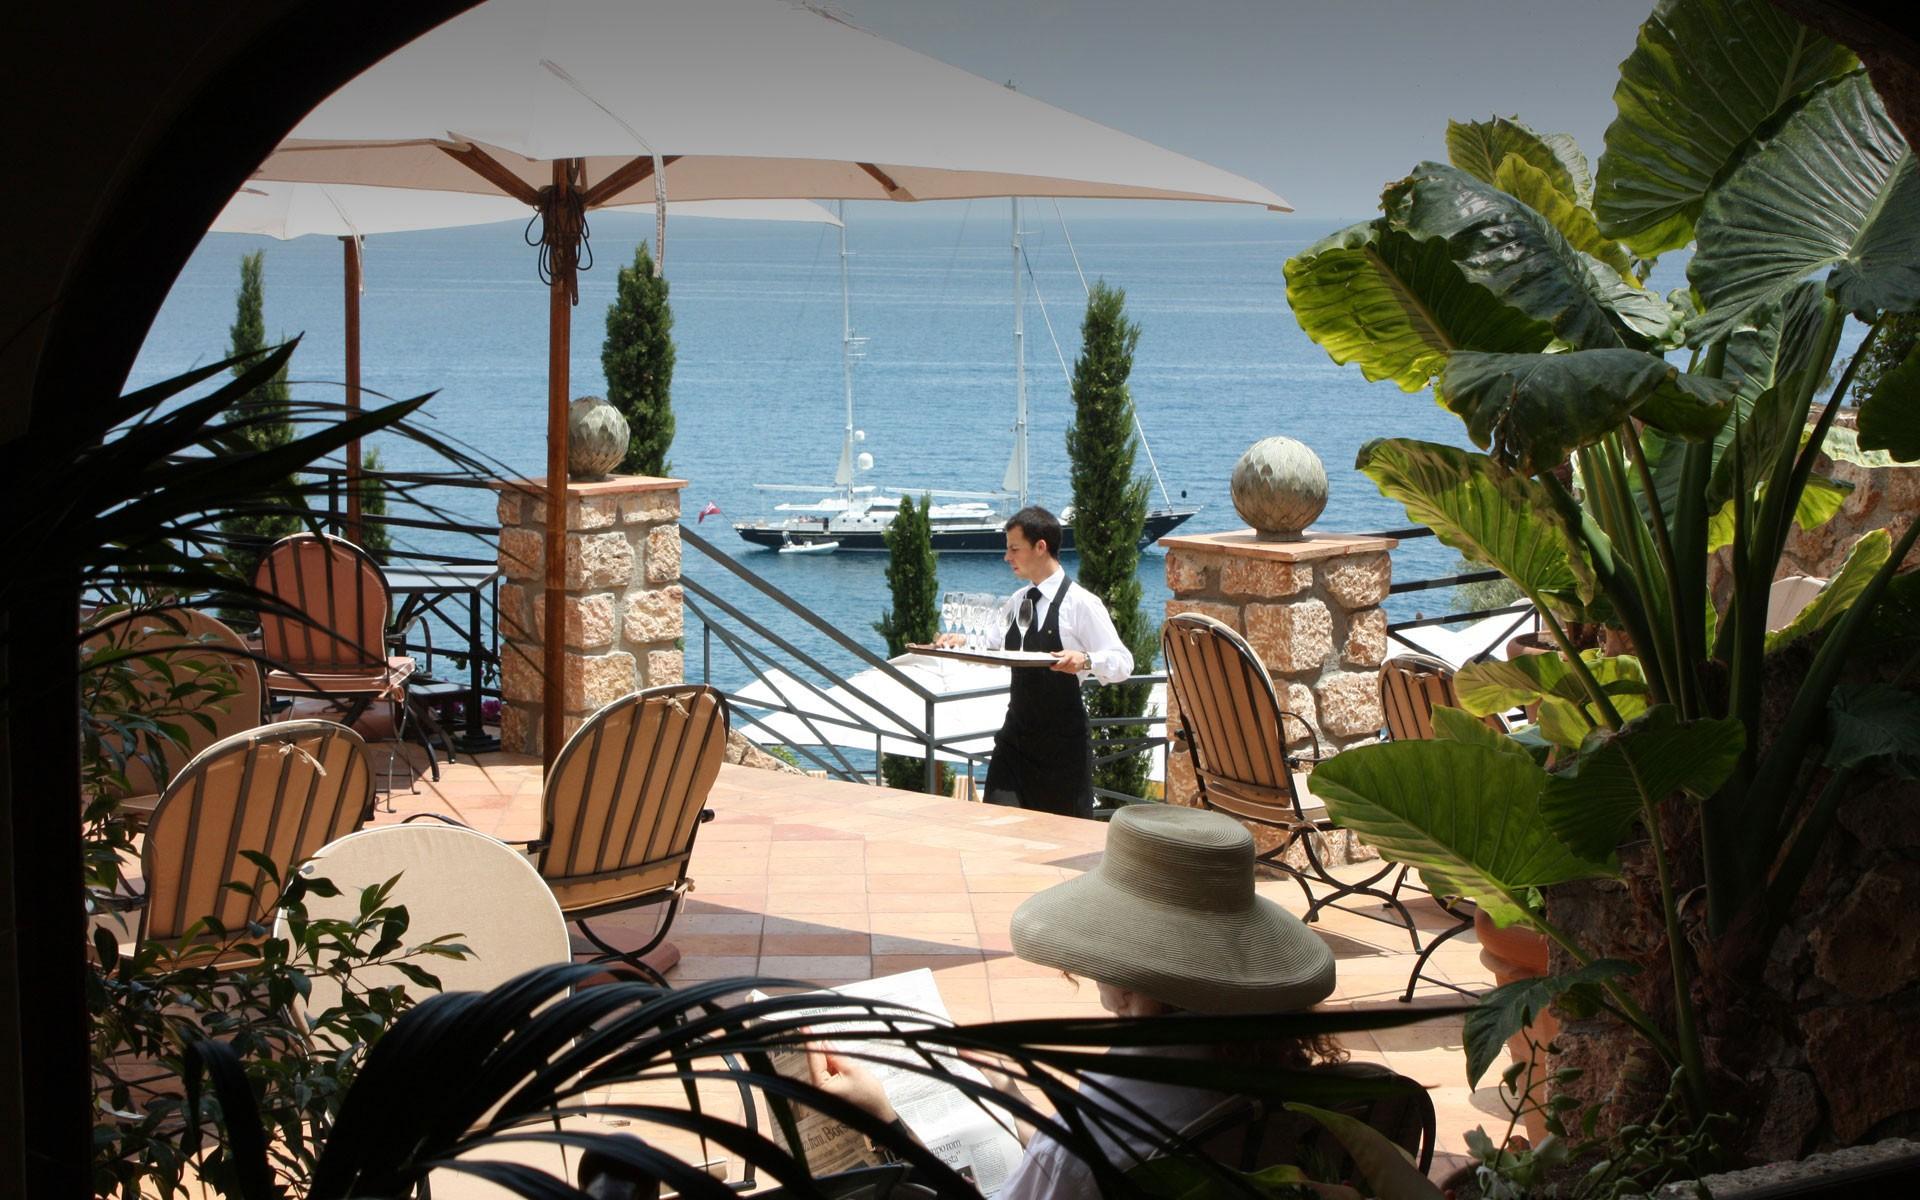 Hotel Il Pellicano - Hotels Resort & Spa